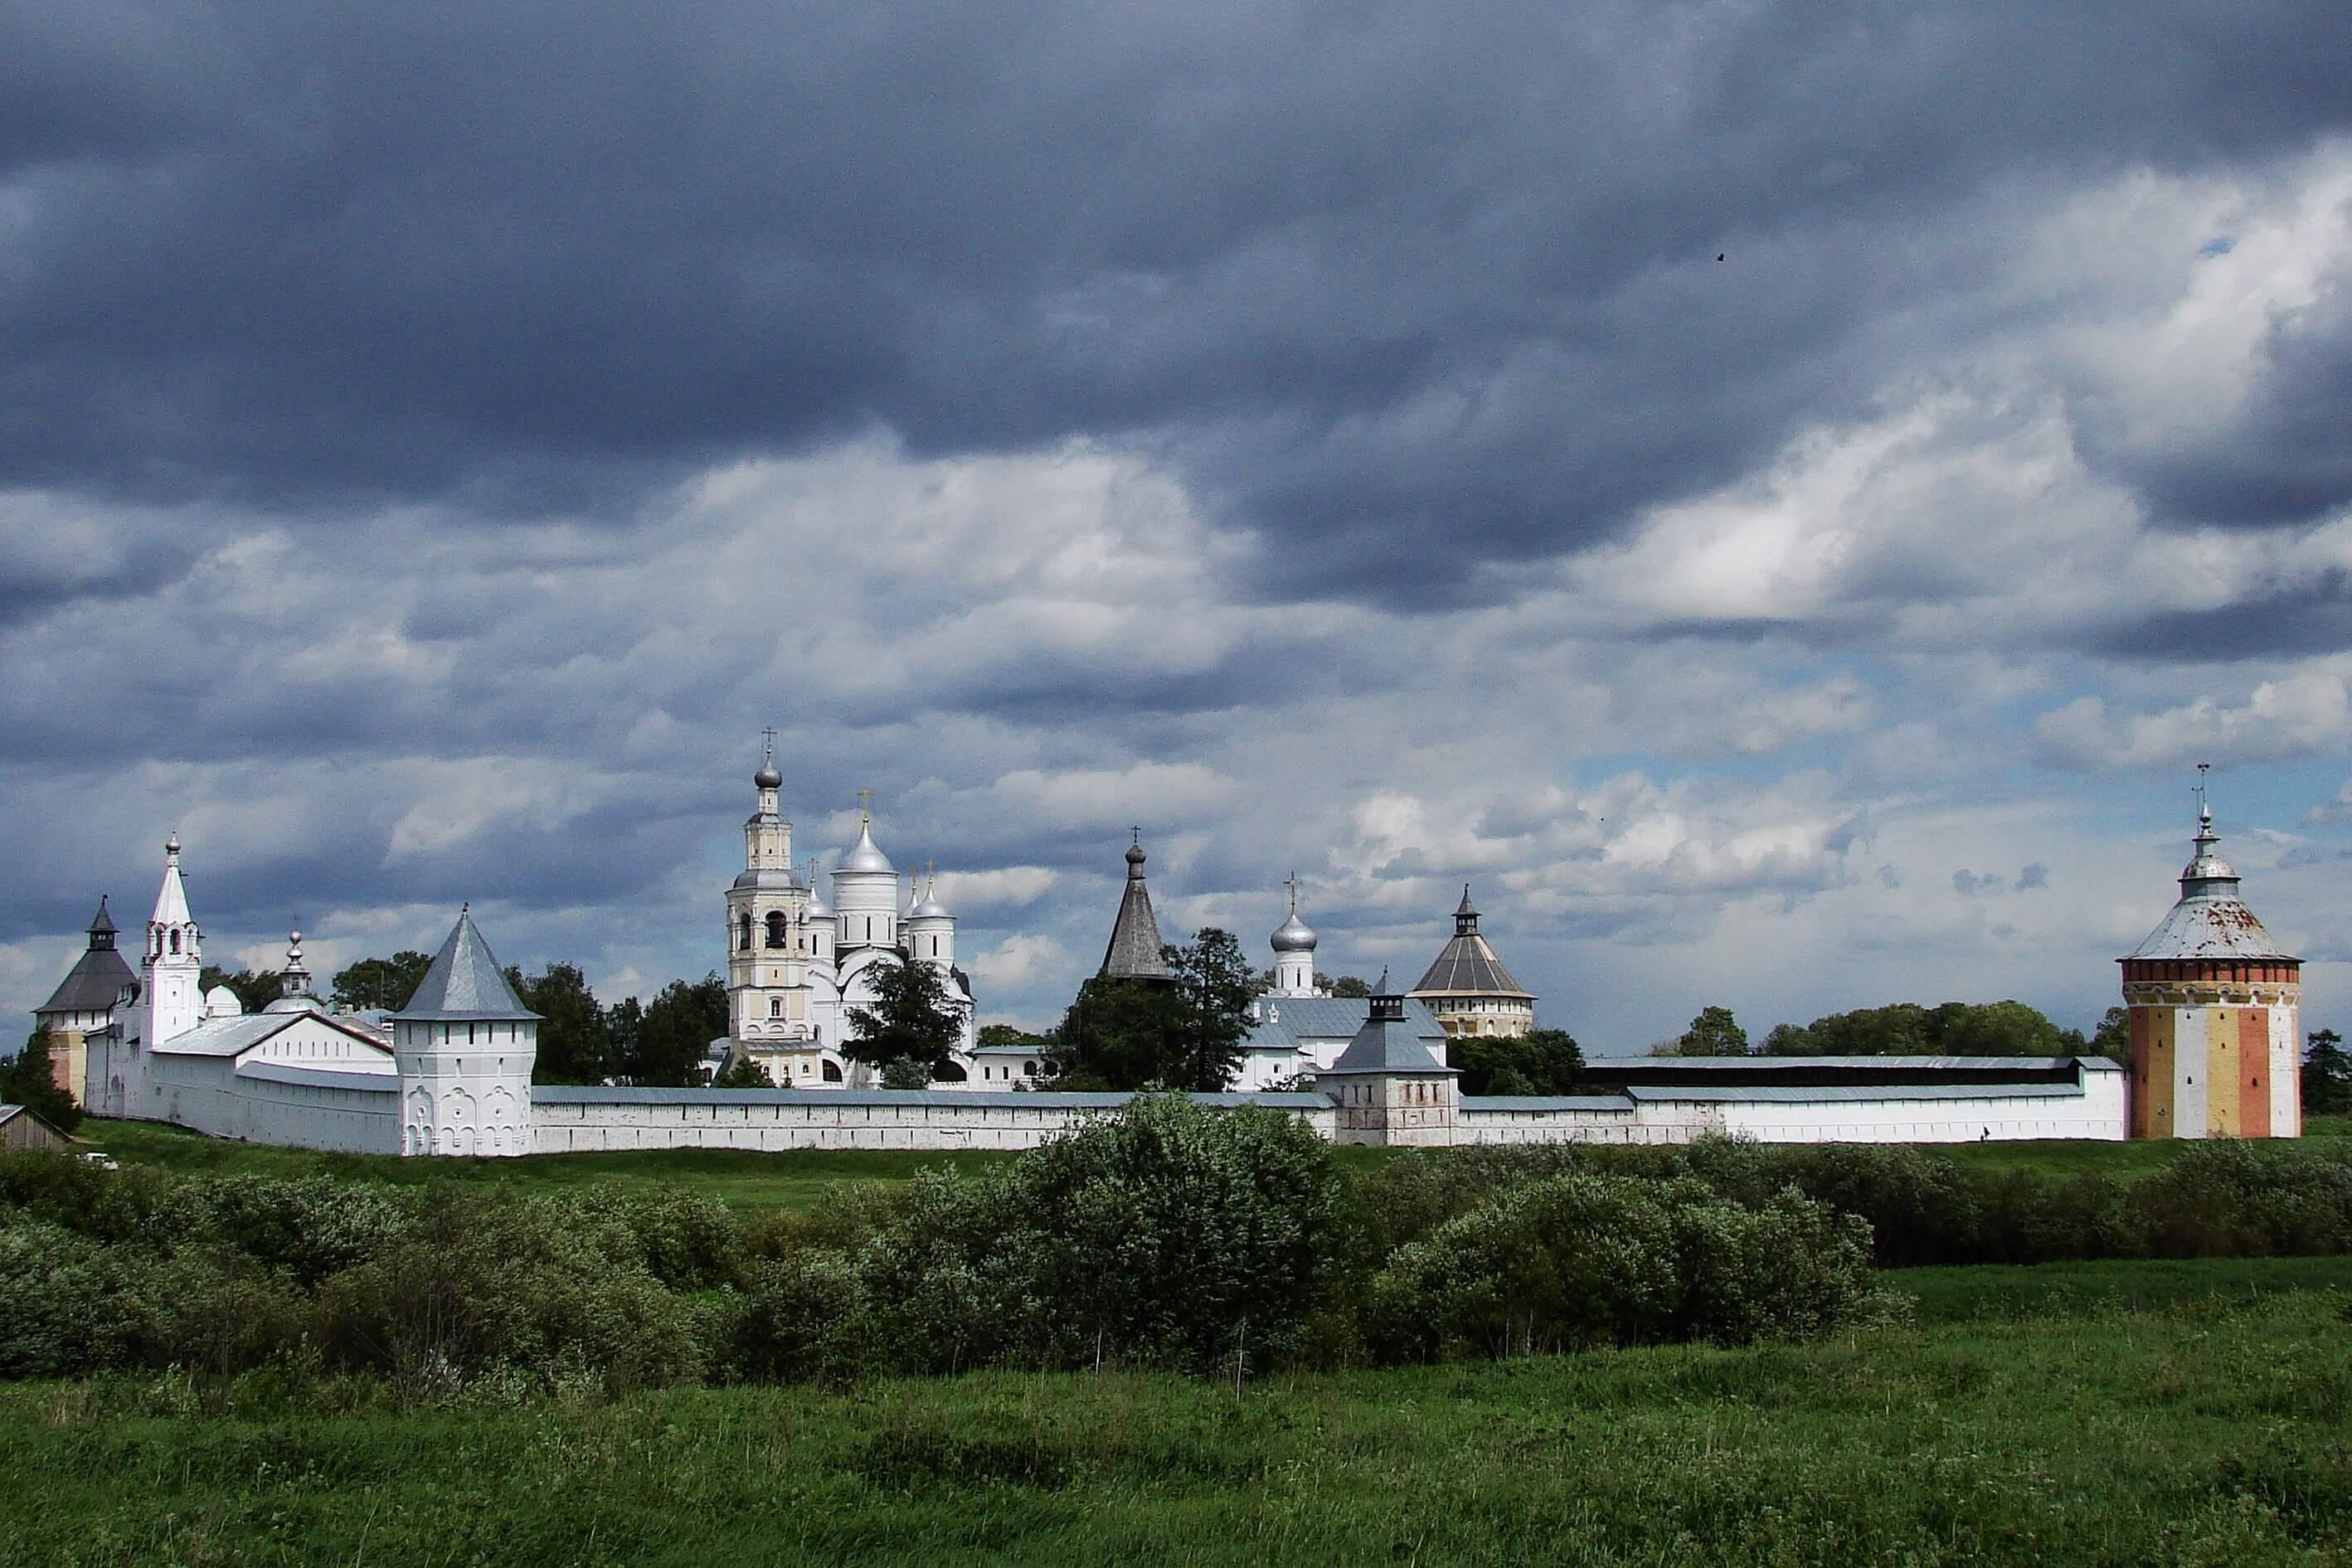 Отдых в России: Вологодская область — суровая красота Северной Фиваиды